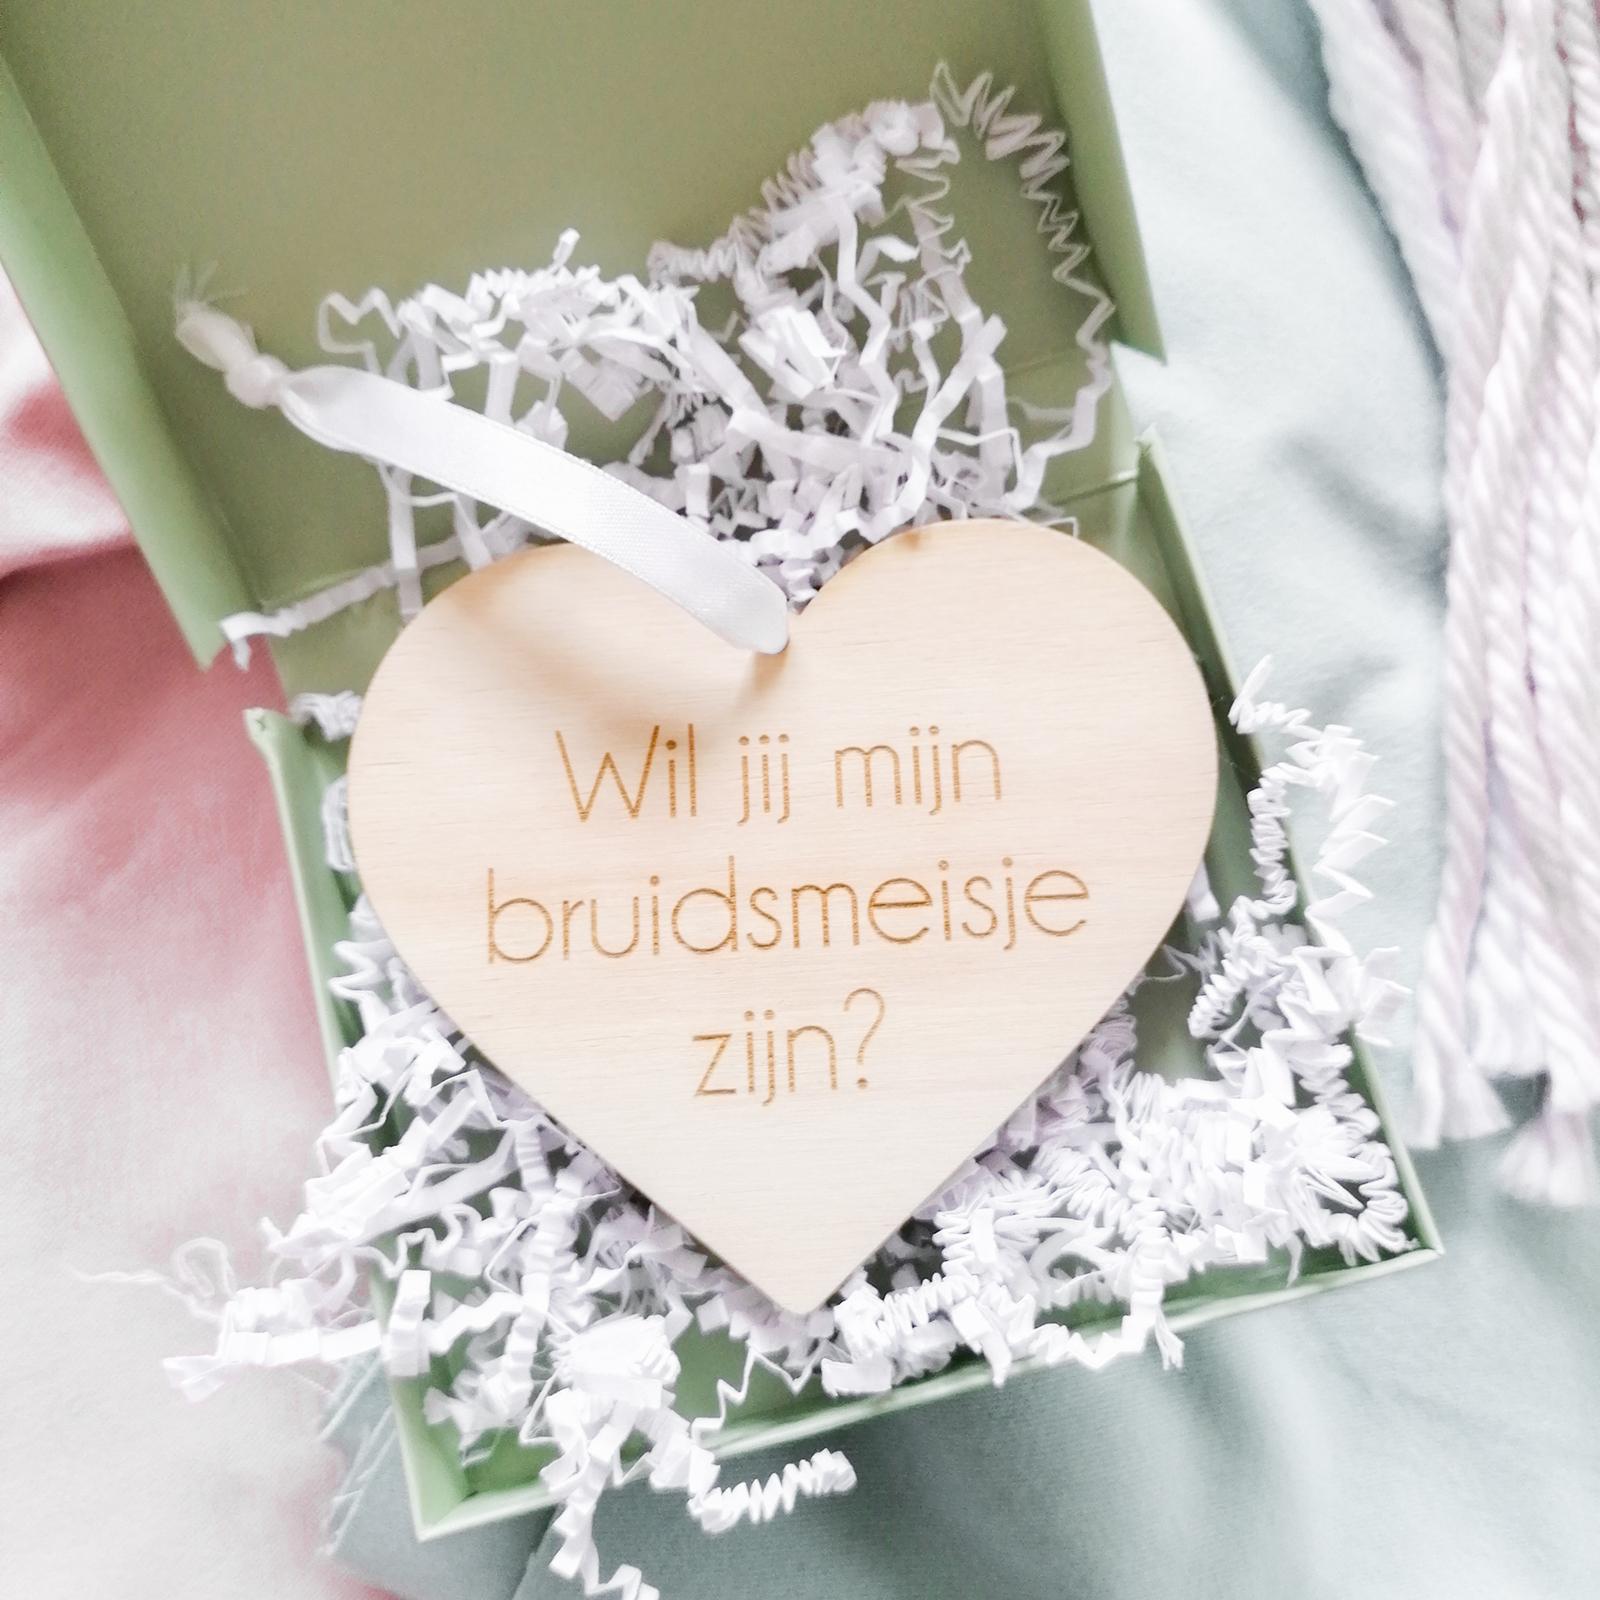 Bruidsmeisje Hanger - Gepersonaliseerd Met Naam